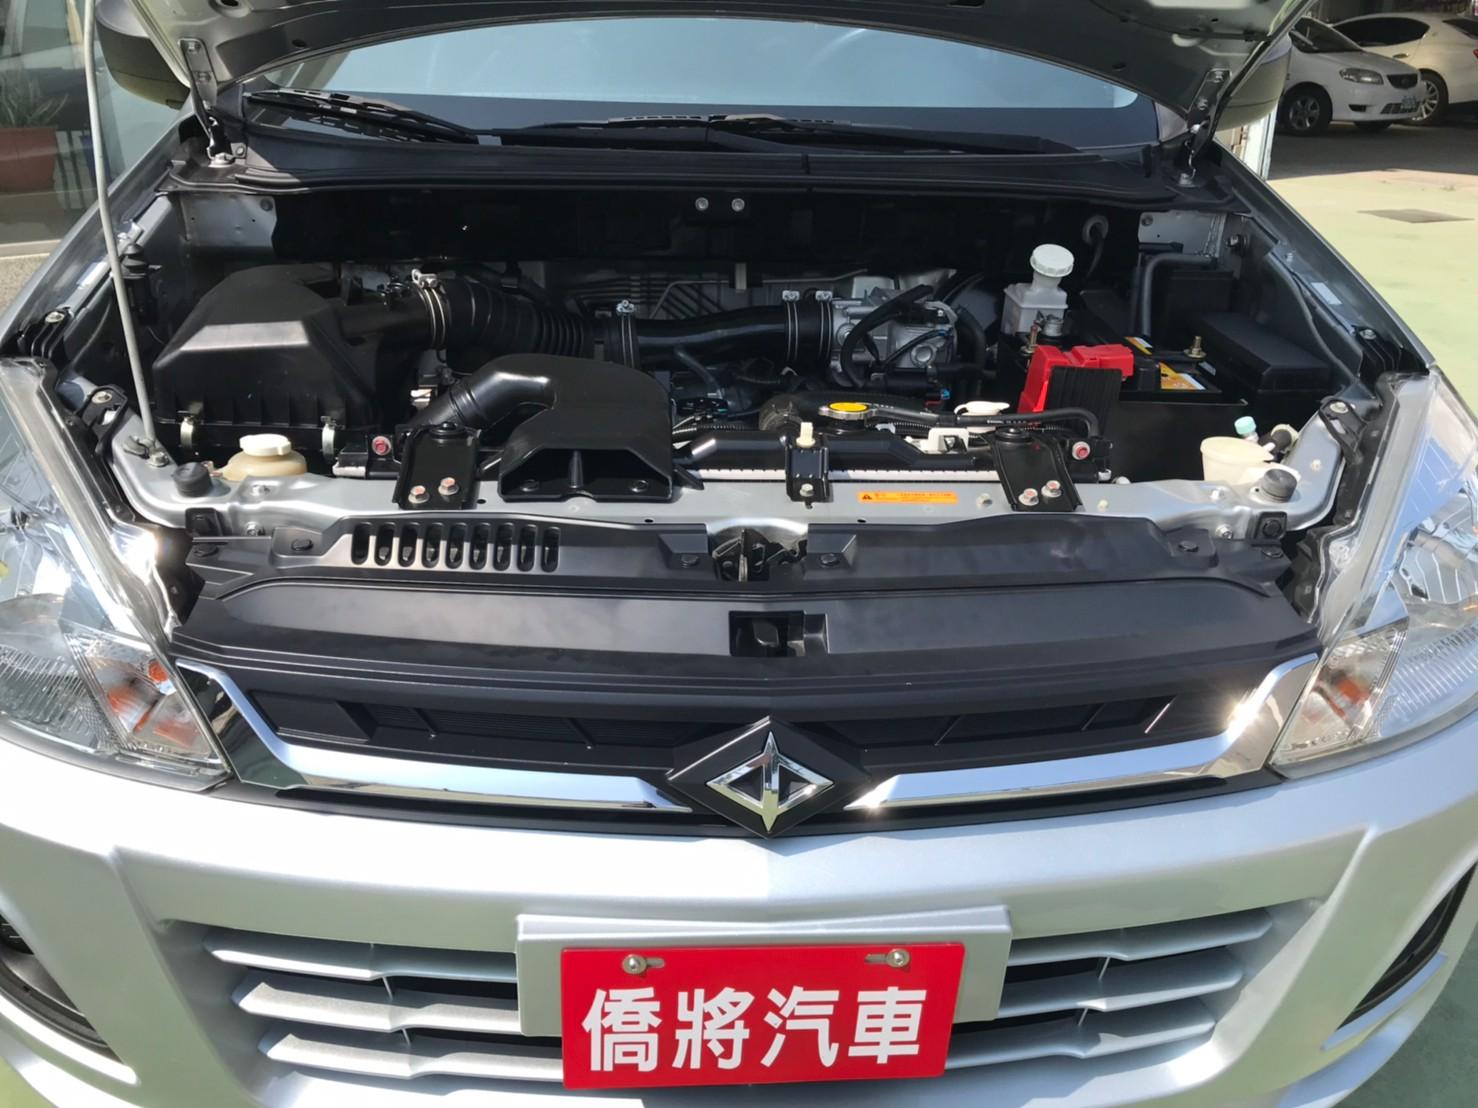 2018勁歌 銀 里程保證4萬多 優質商用車 39.8萬  可認證_210828_3